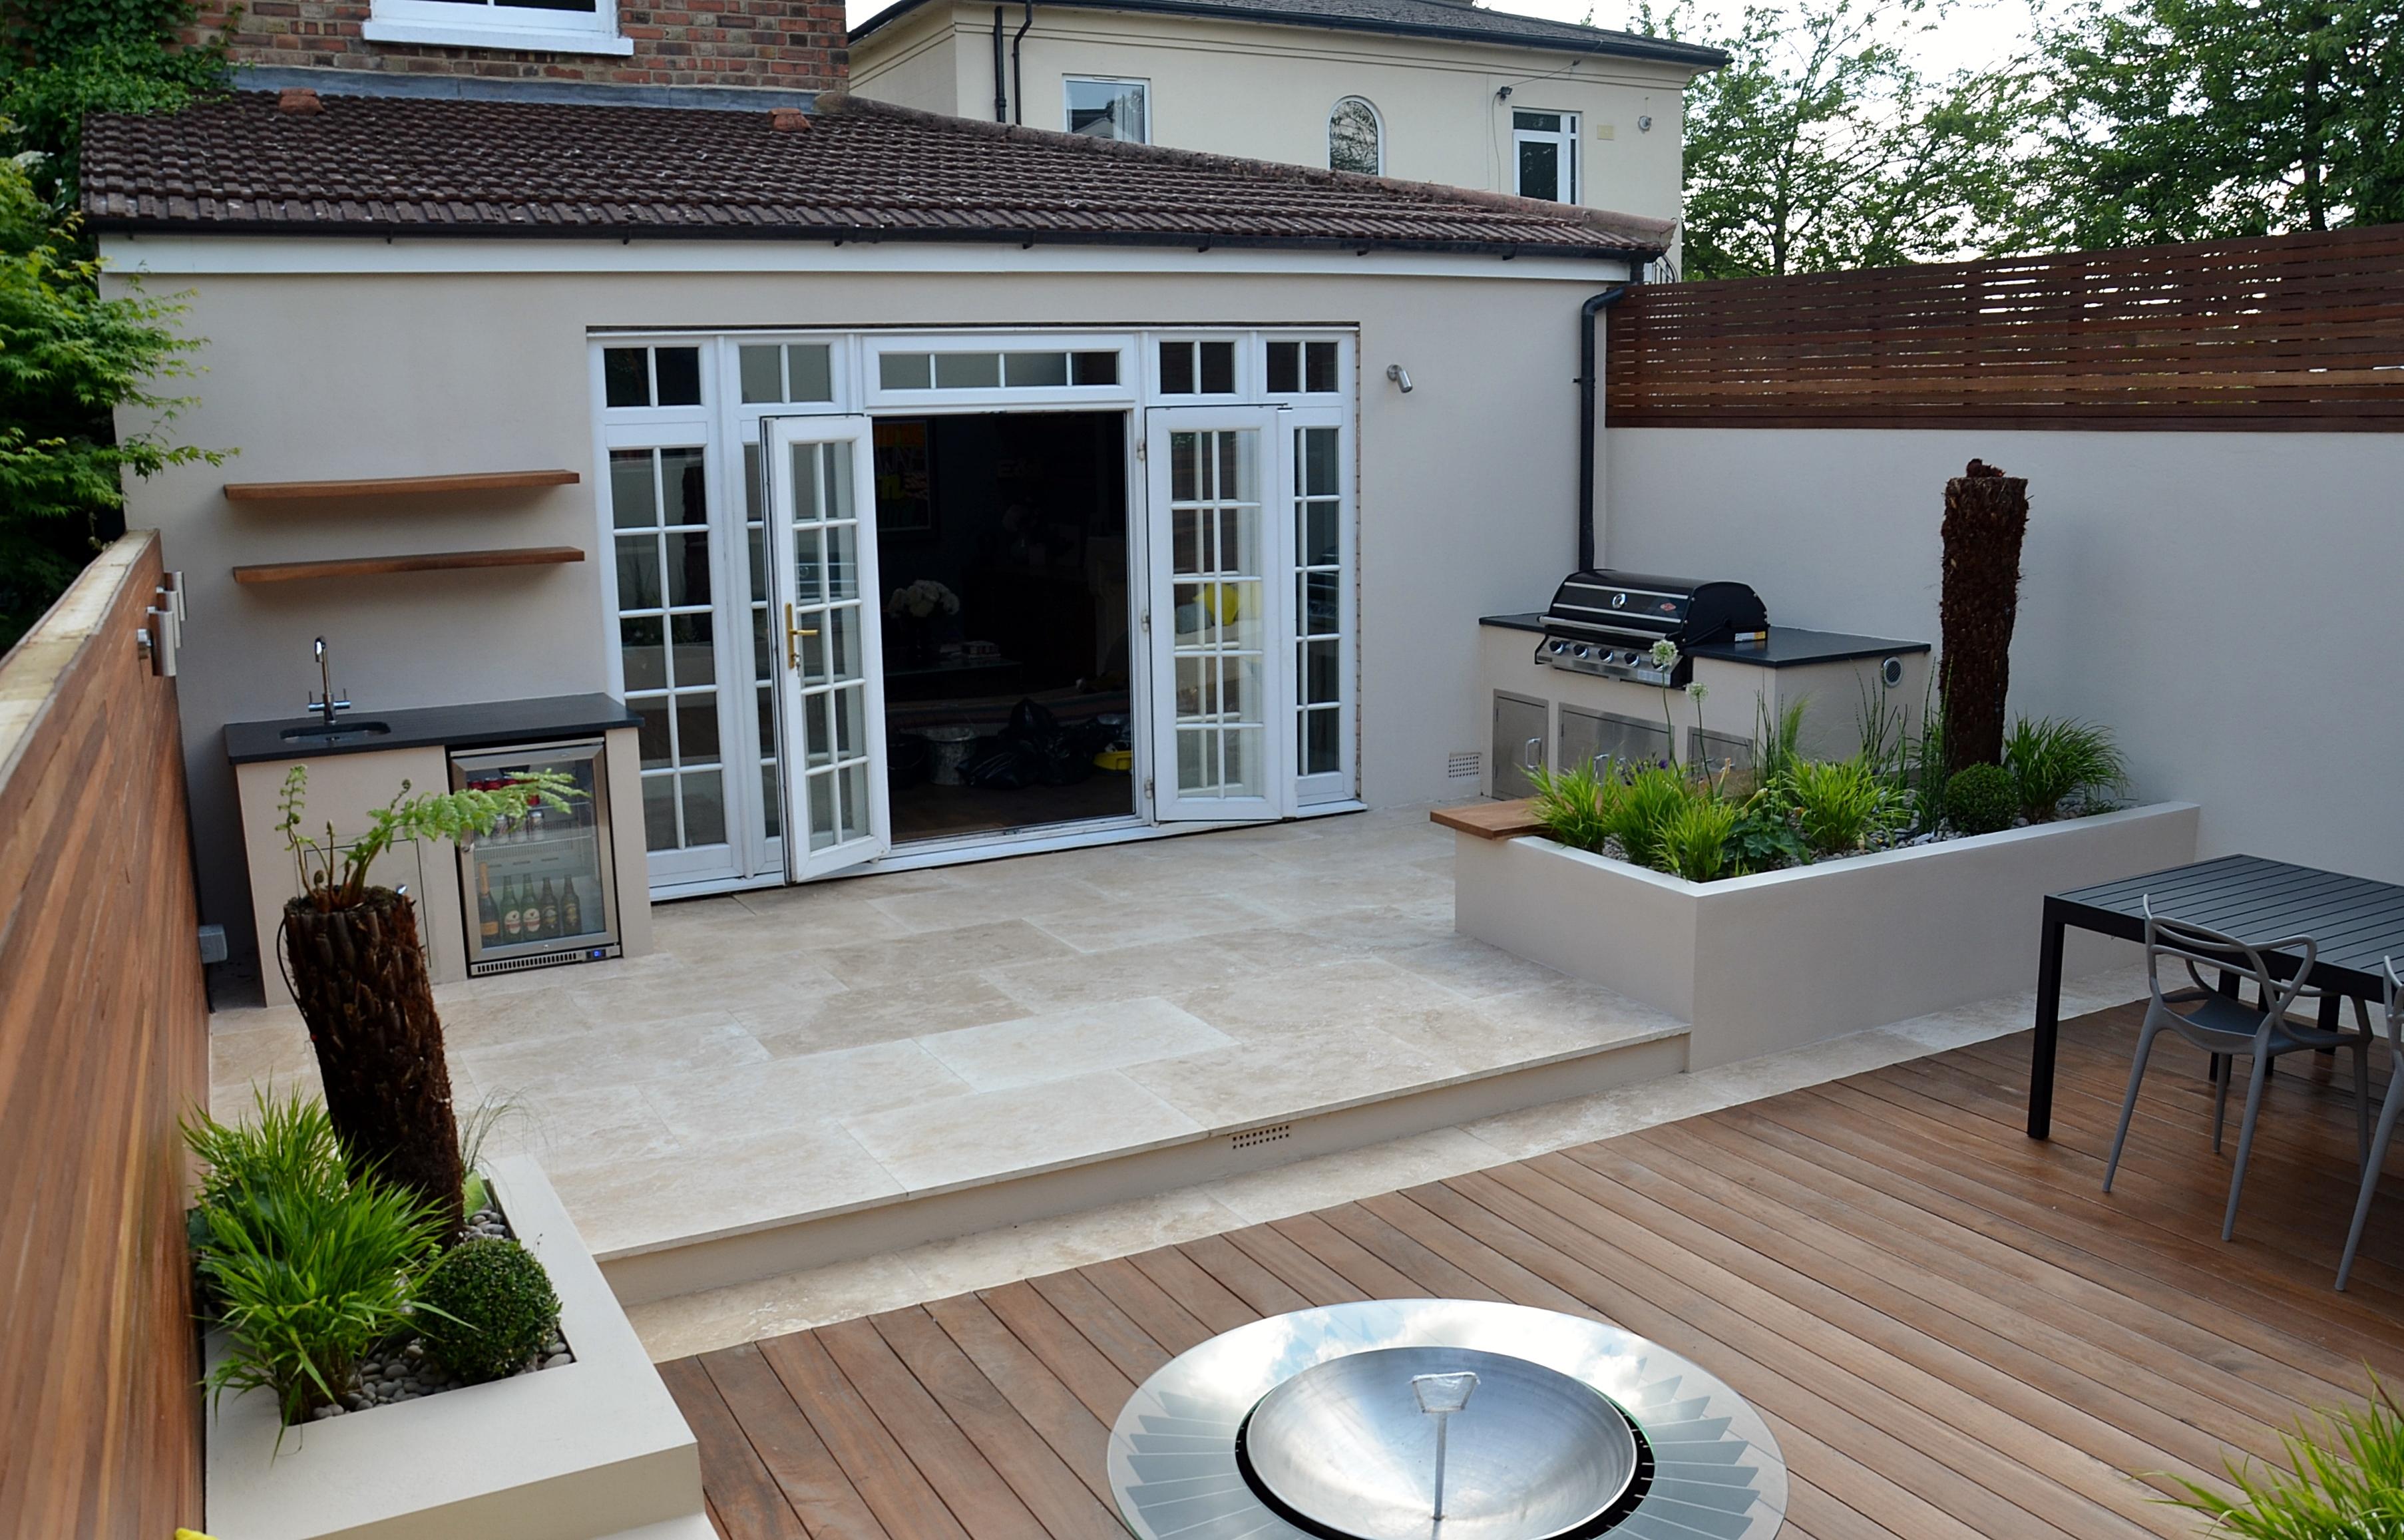 Modern garden design outdoor kitchen london designer cat for Garden room kitchen